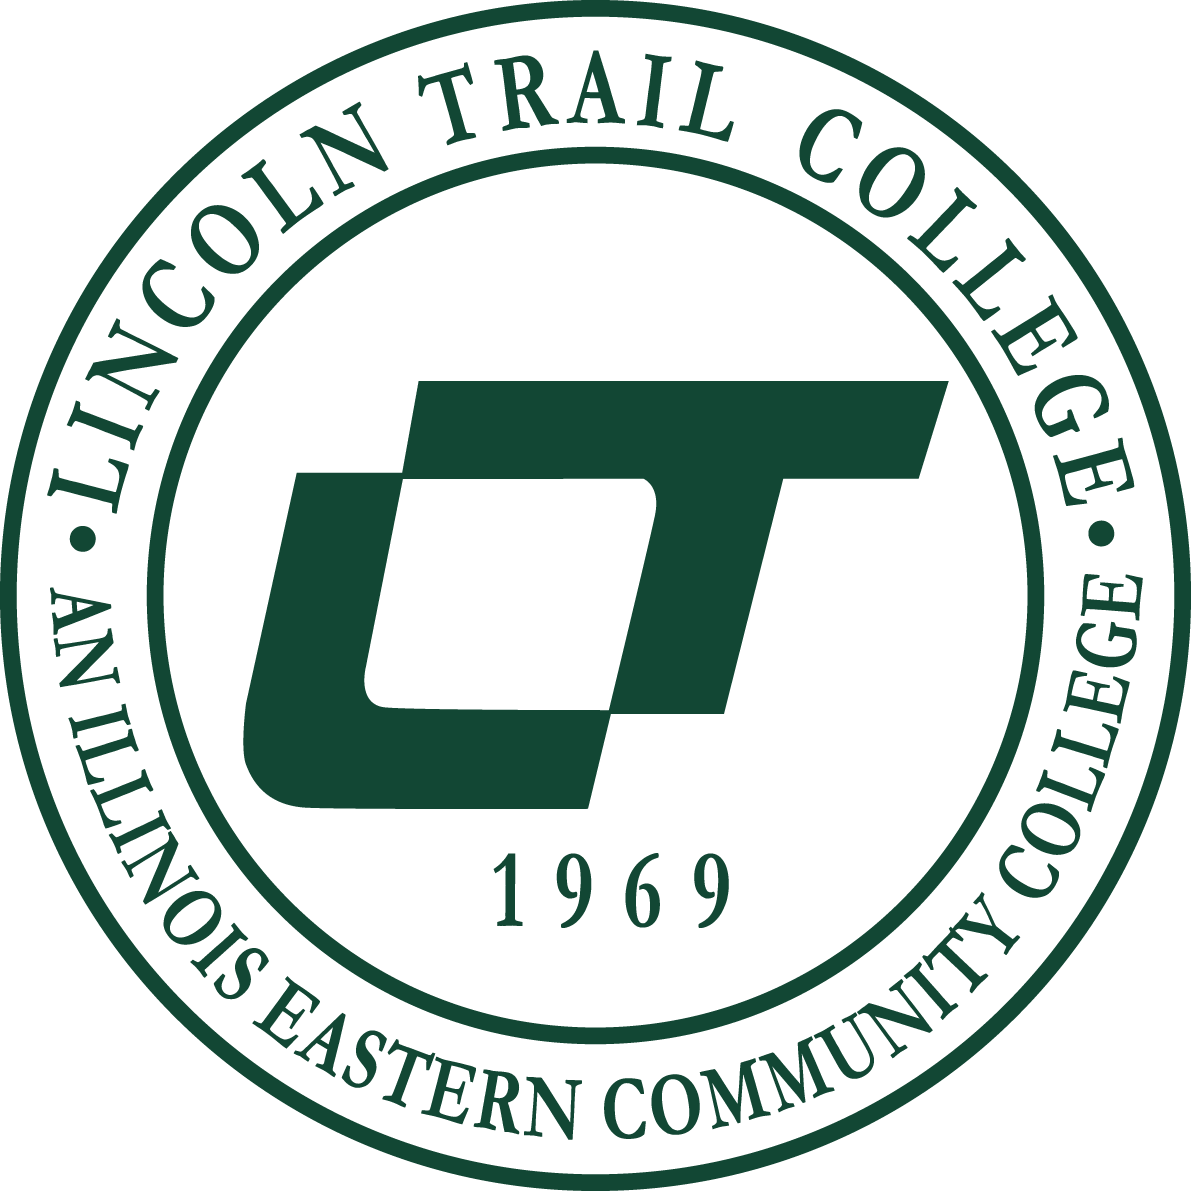 Title Transfer Illinois >> Lincoln Trail College - Wikipedia